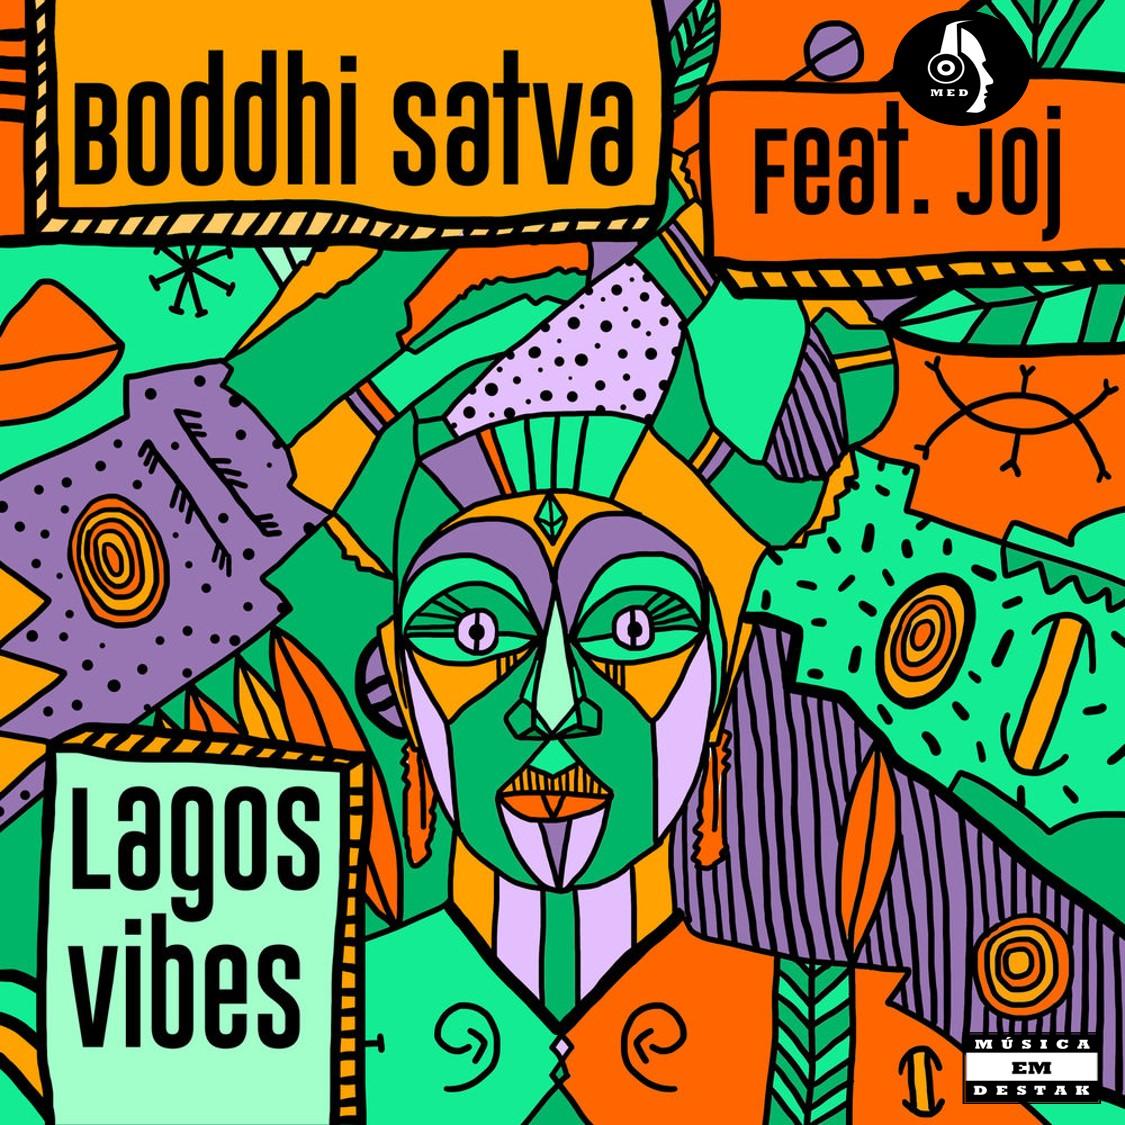 http://www.mediafire.com/file/gqqcbb1kjkovv5s/Boddhi_Satva_Feat._J%25C3%25B2j_-_Lagos_Vibes_%2528EP%2529.zip/file